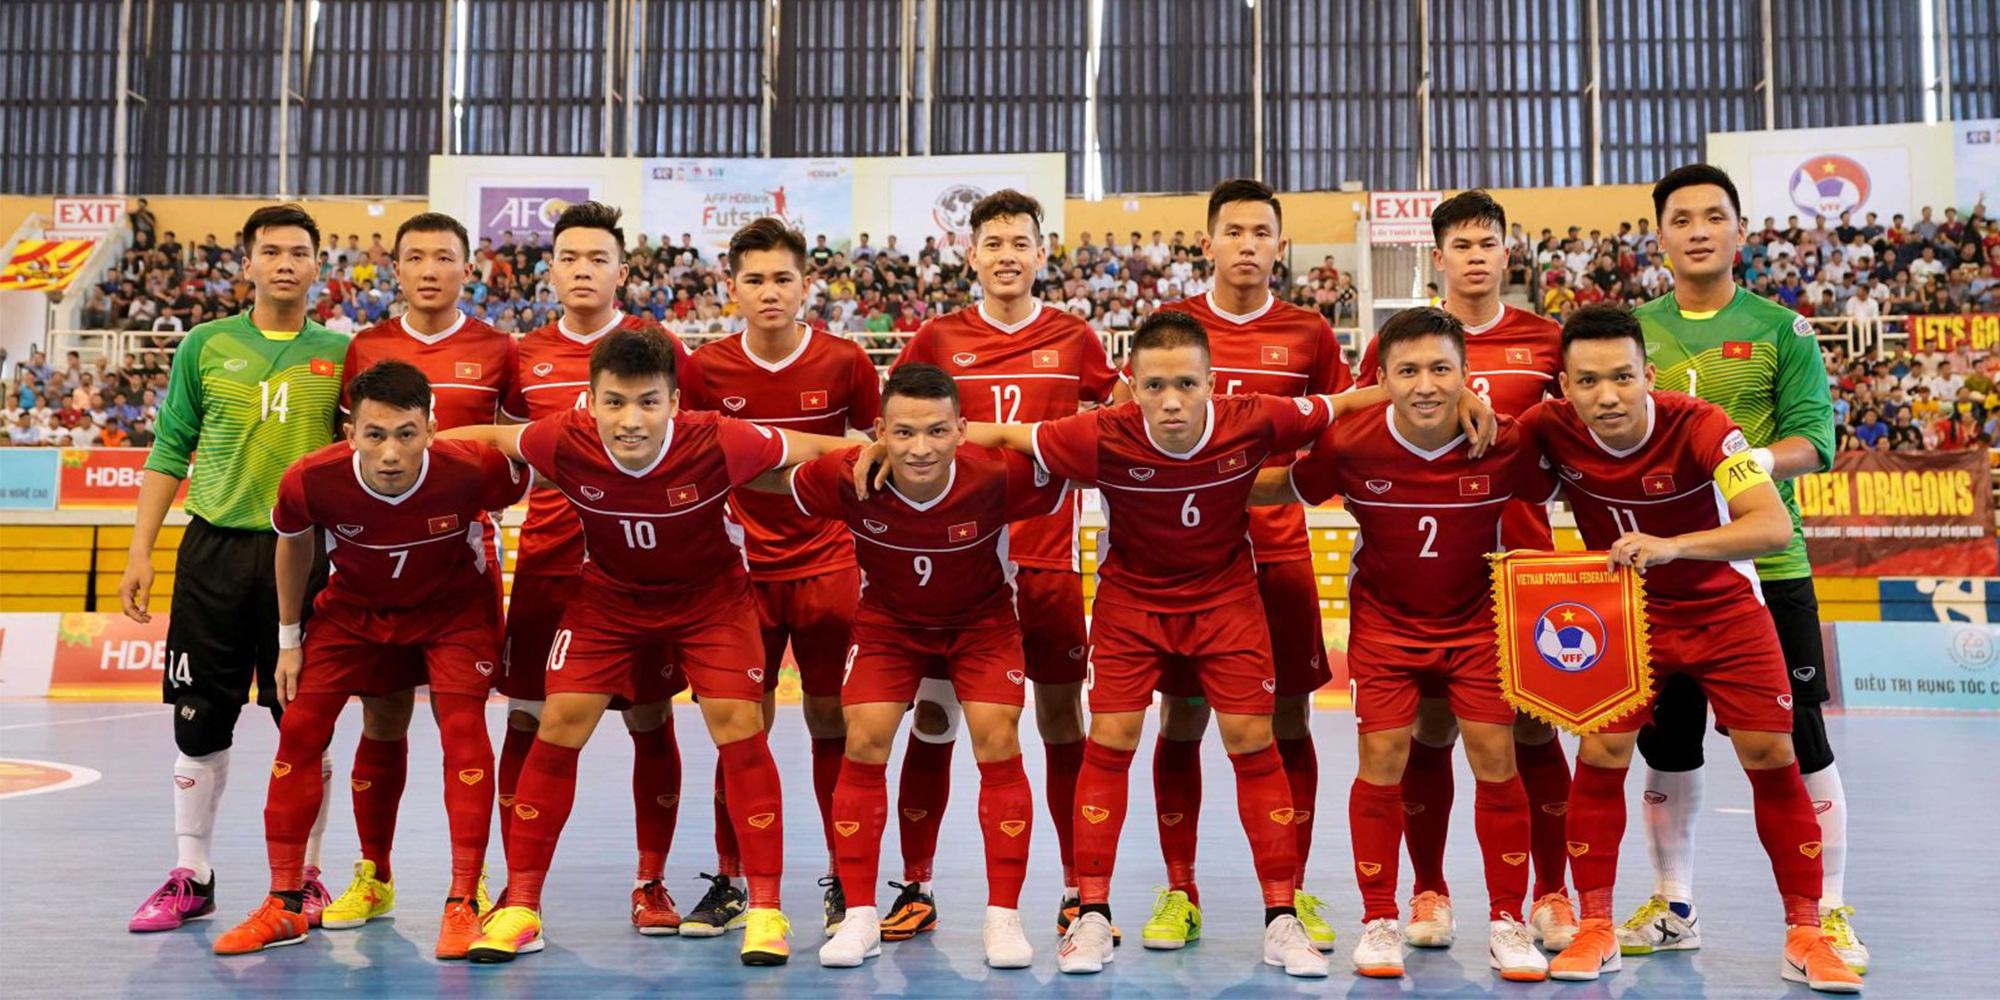 Bóng đá Việt Nam 2020: Quyết tâm giữ ngai Vàng Đông Nam Á và bơi ra biển lớn - Ảnh 18.